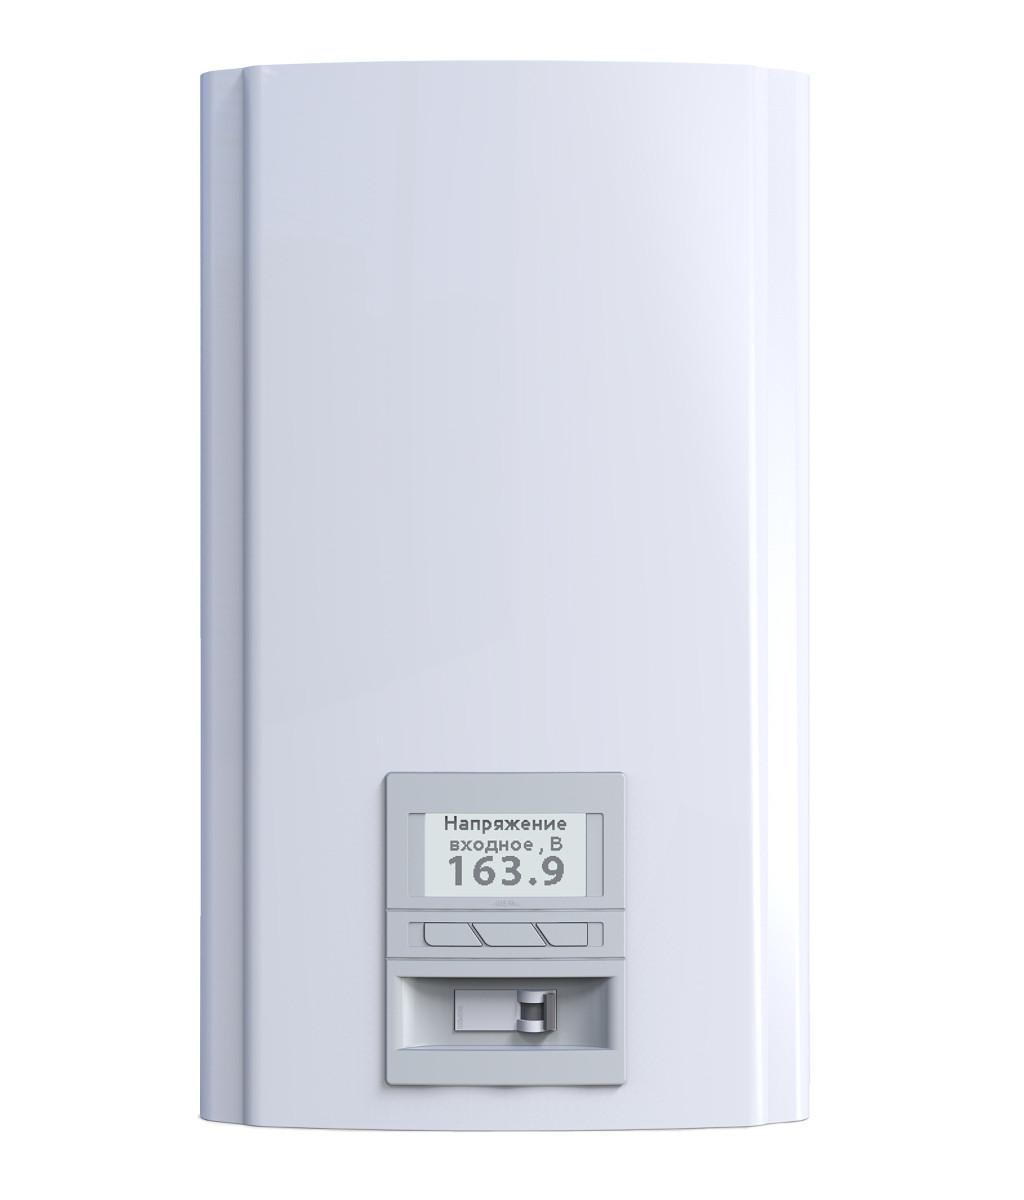 Однофазный стабилизатор напряжения Элекс ГЕРЦ У 36-1-63 v3.0 (14 кВт)